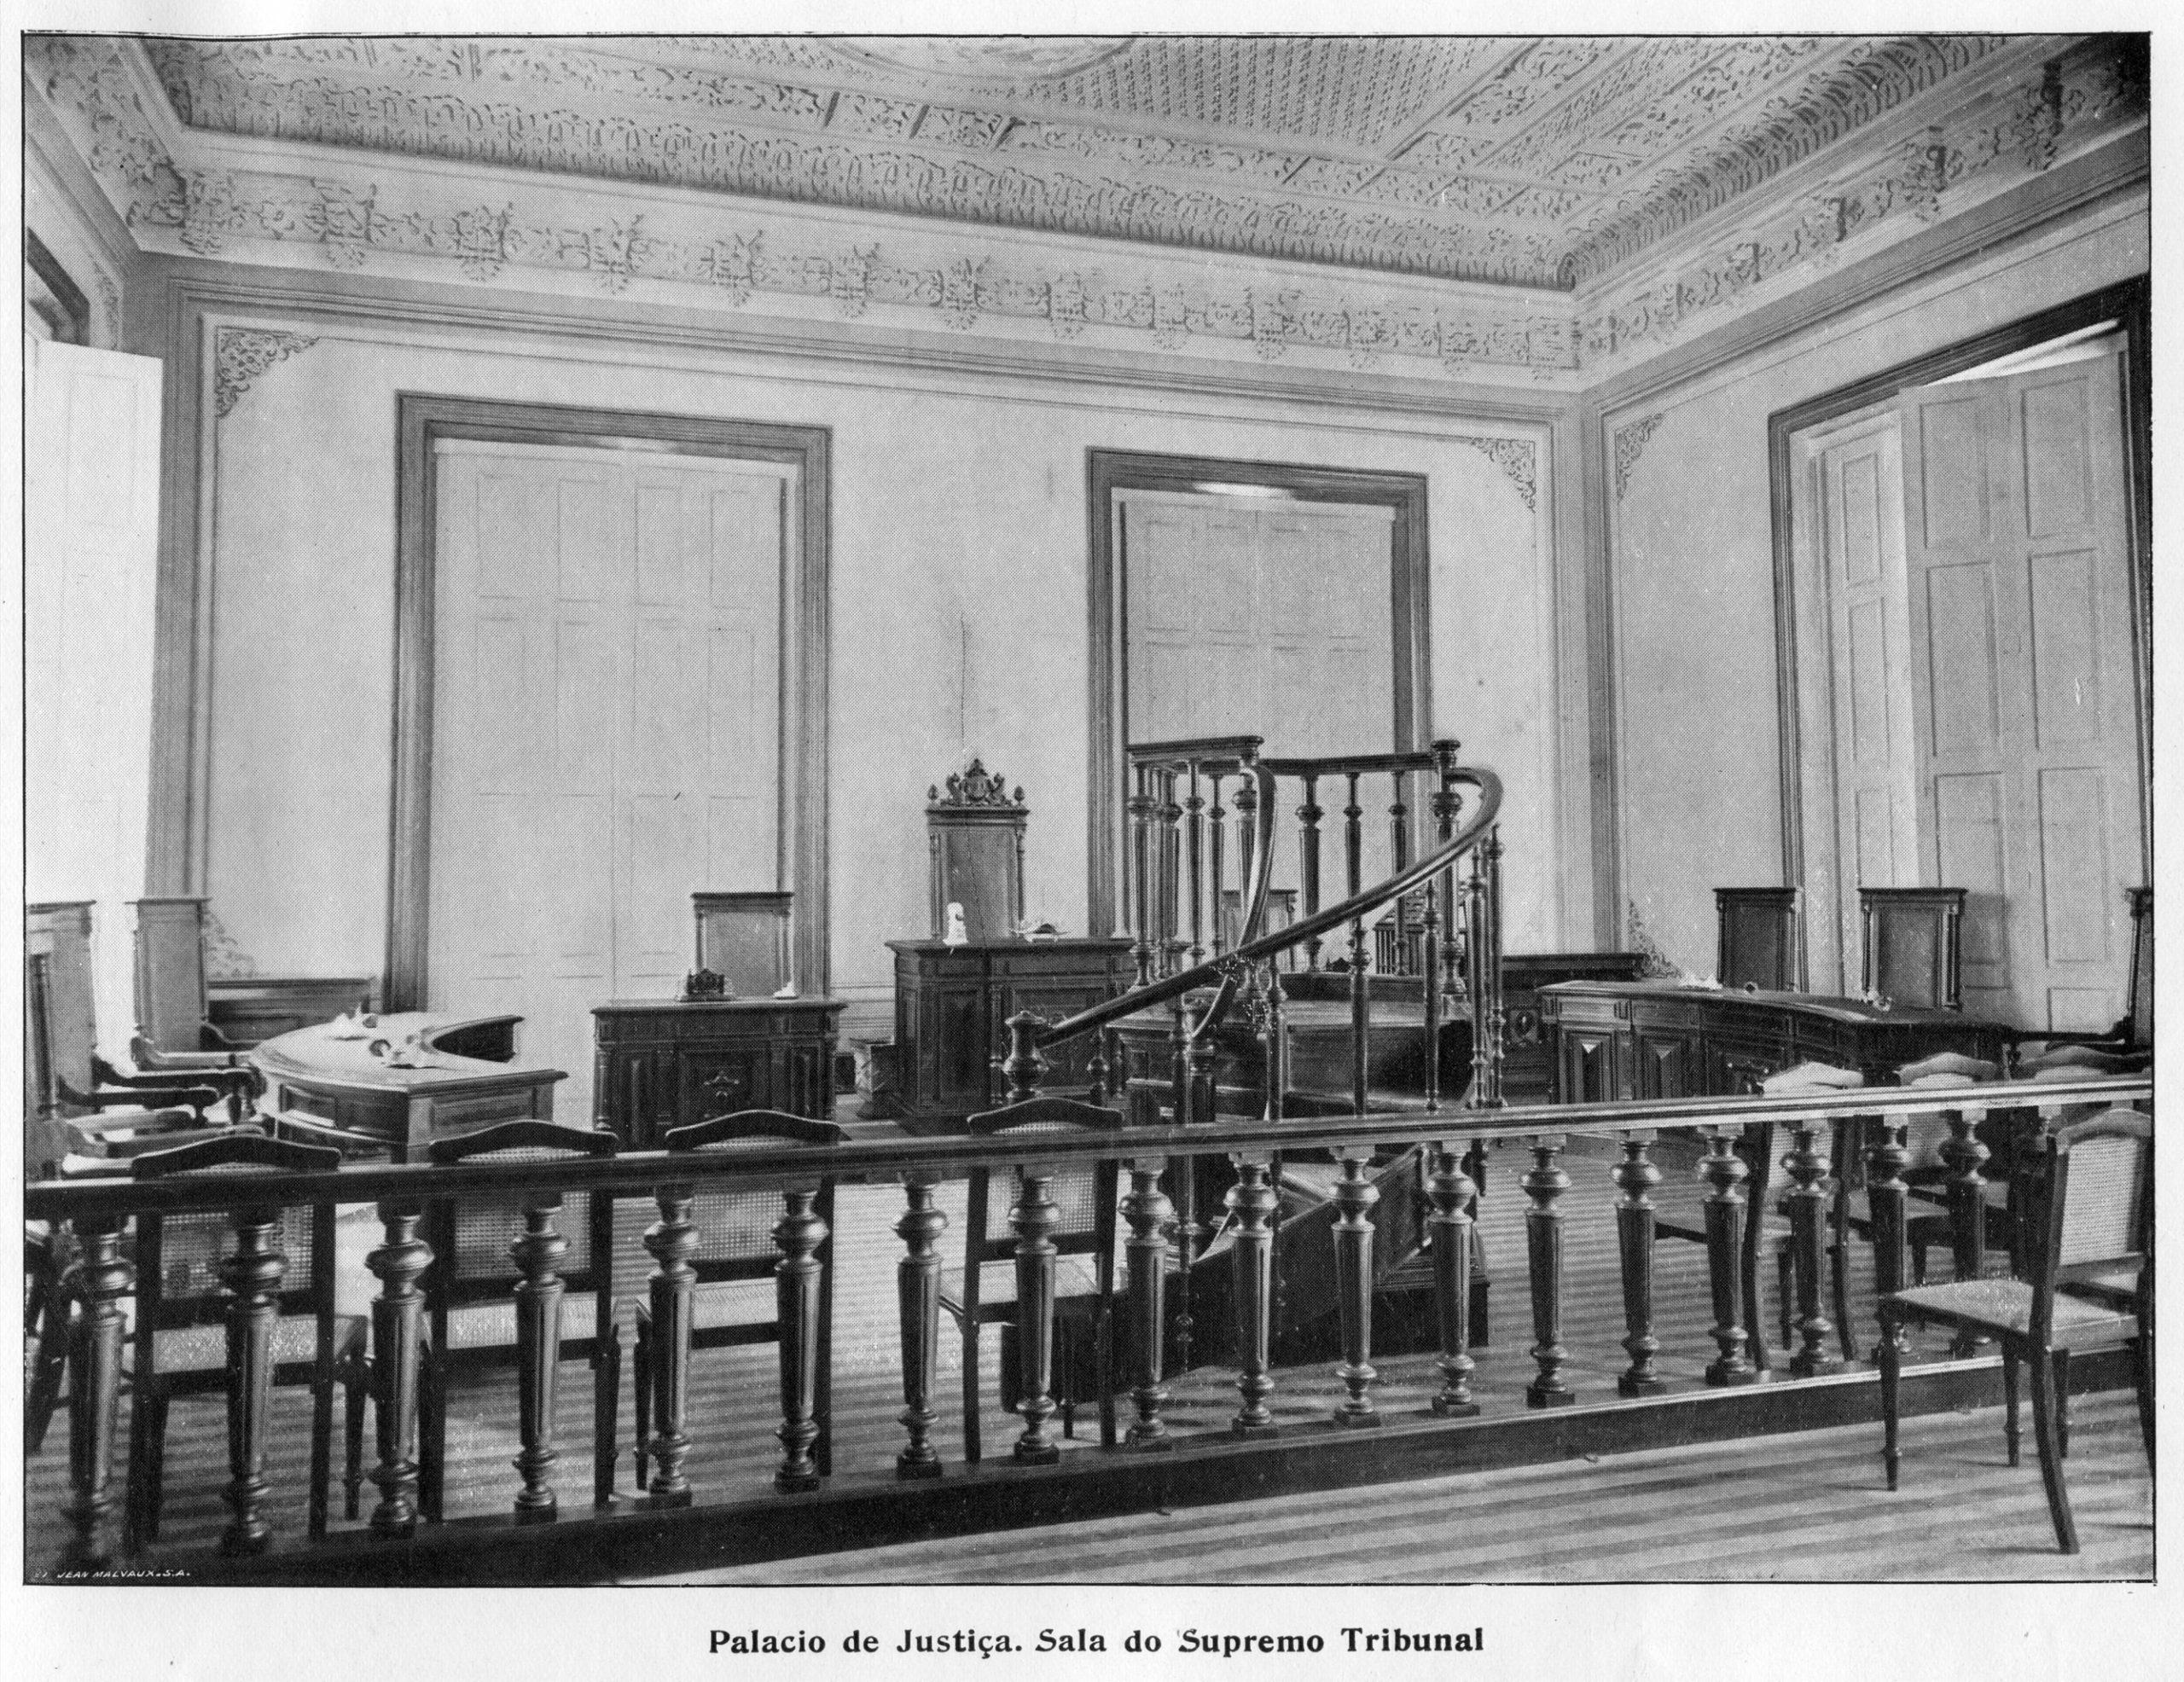 Sala do Supremo Tribunal no Palácio da Justiça